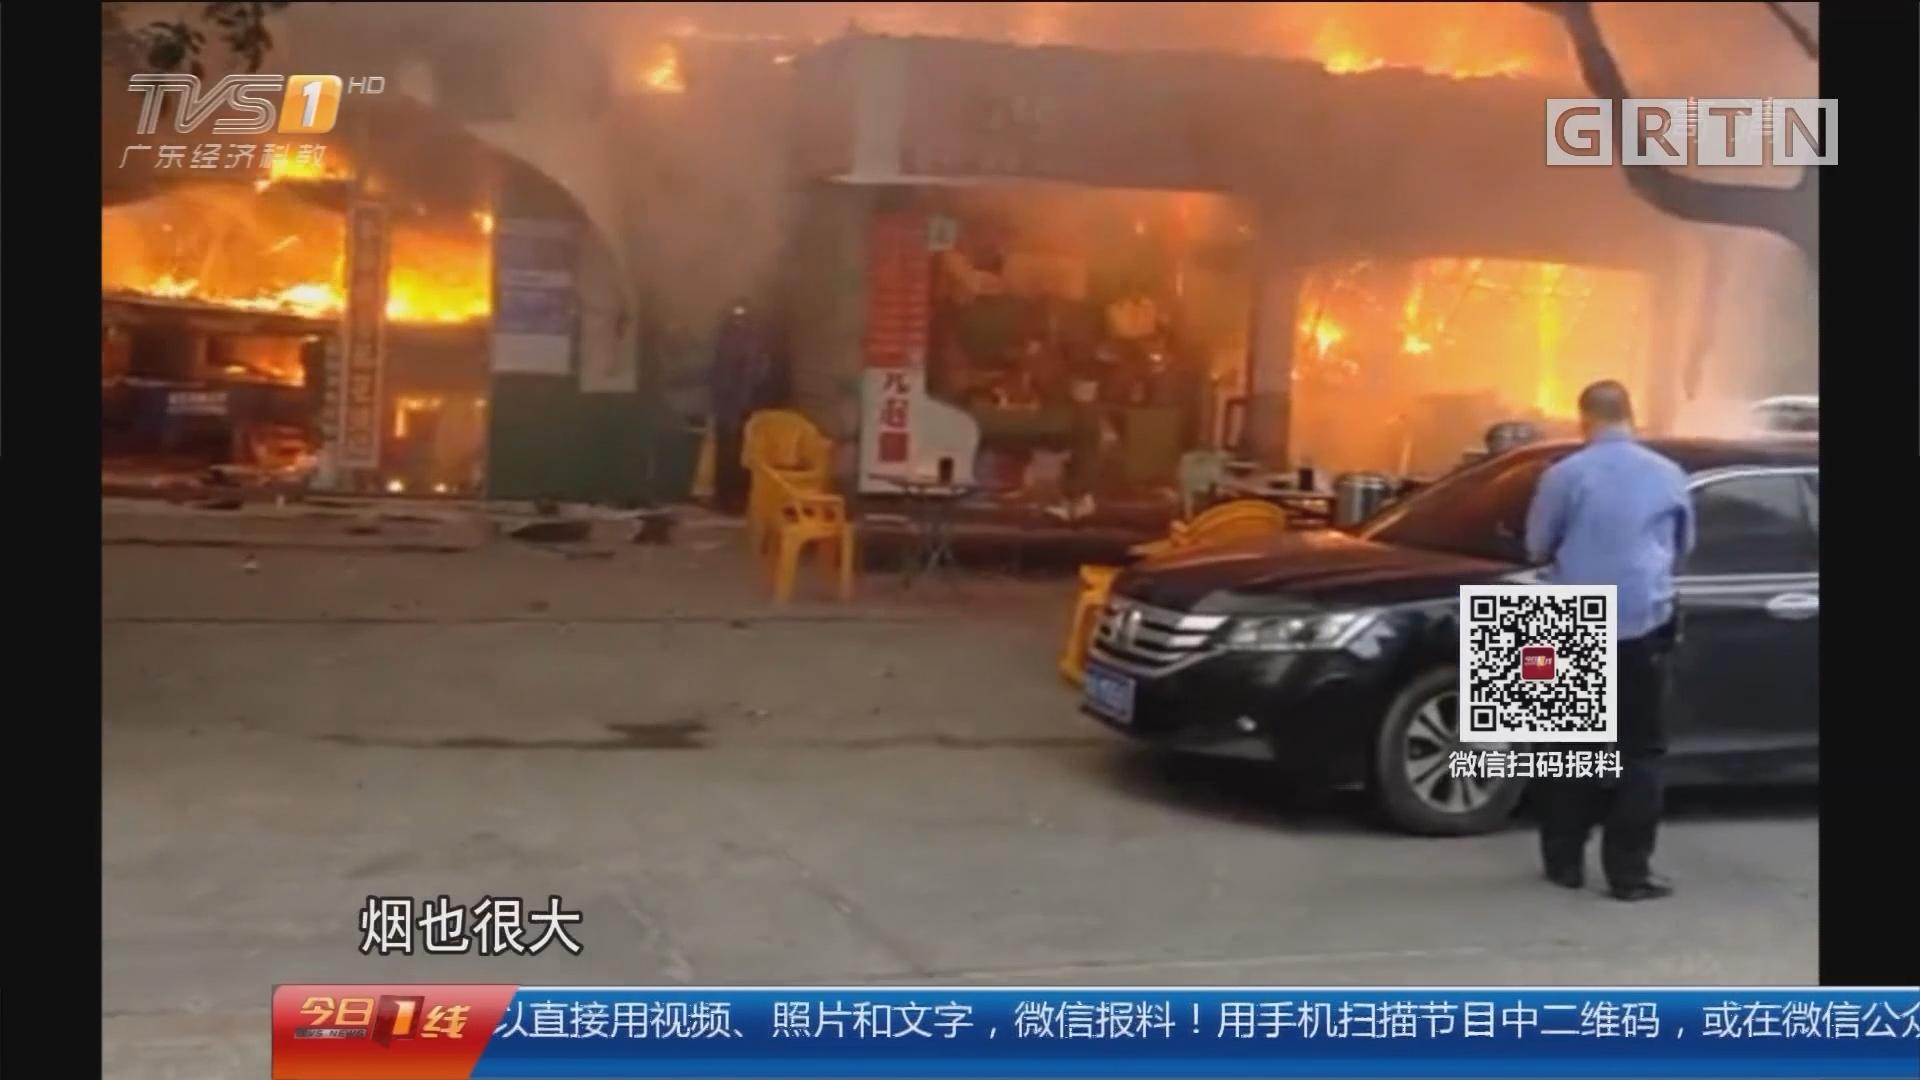 东莞长安:小百货起火三人被困 消防员火海救人